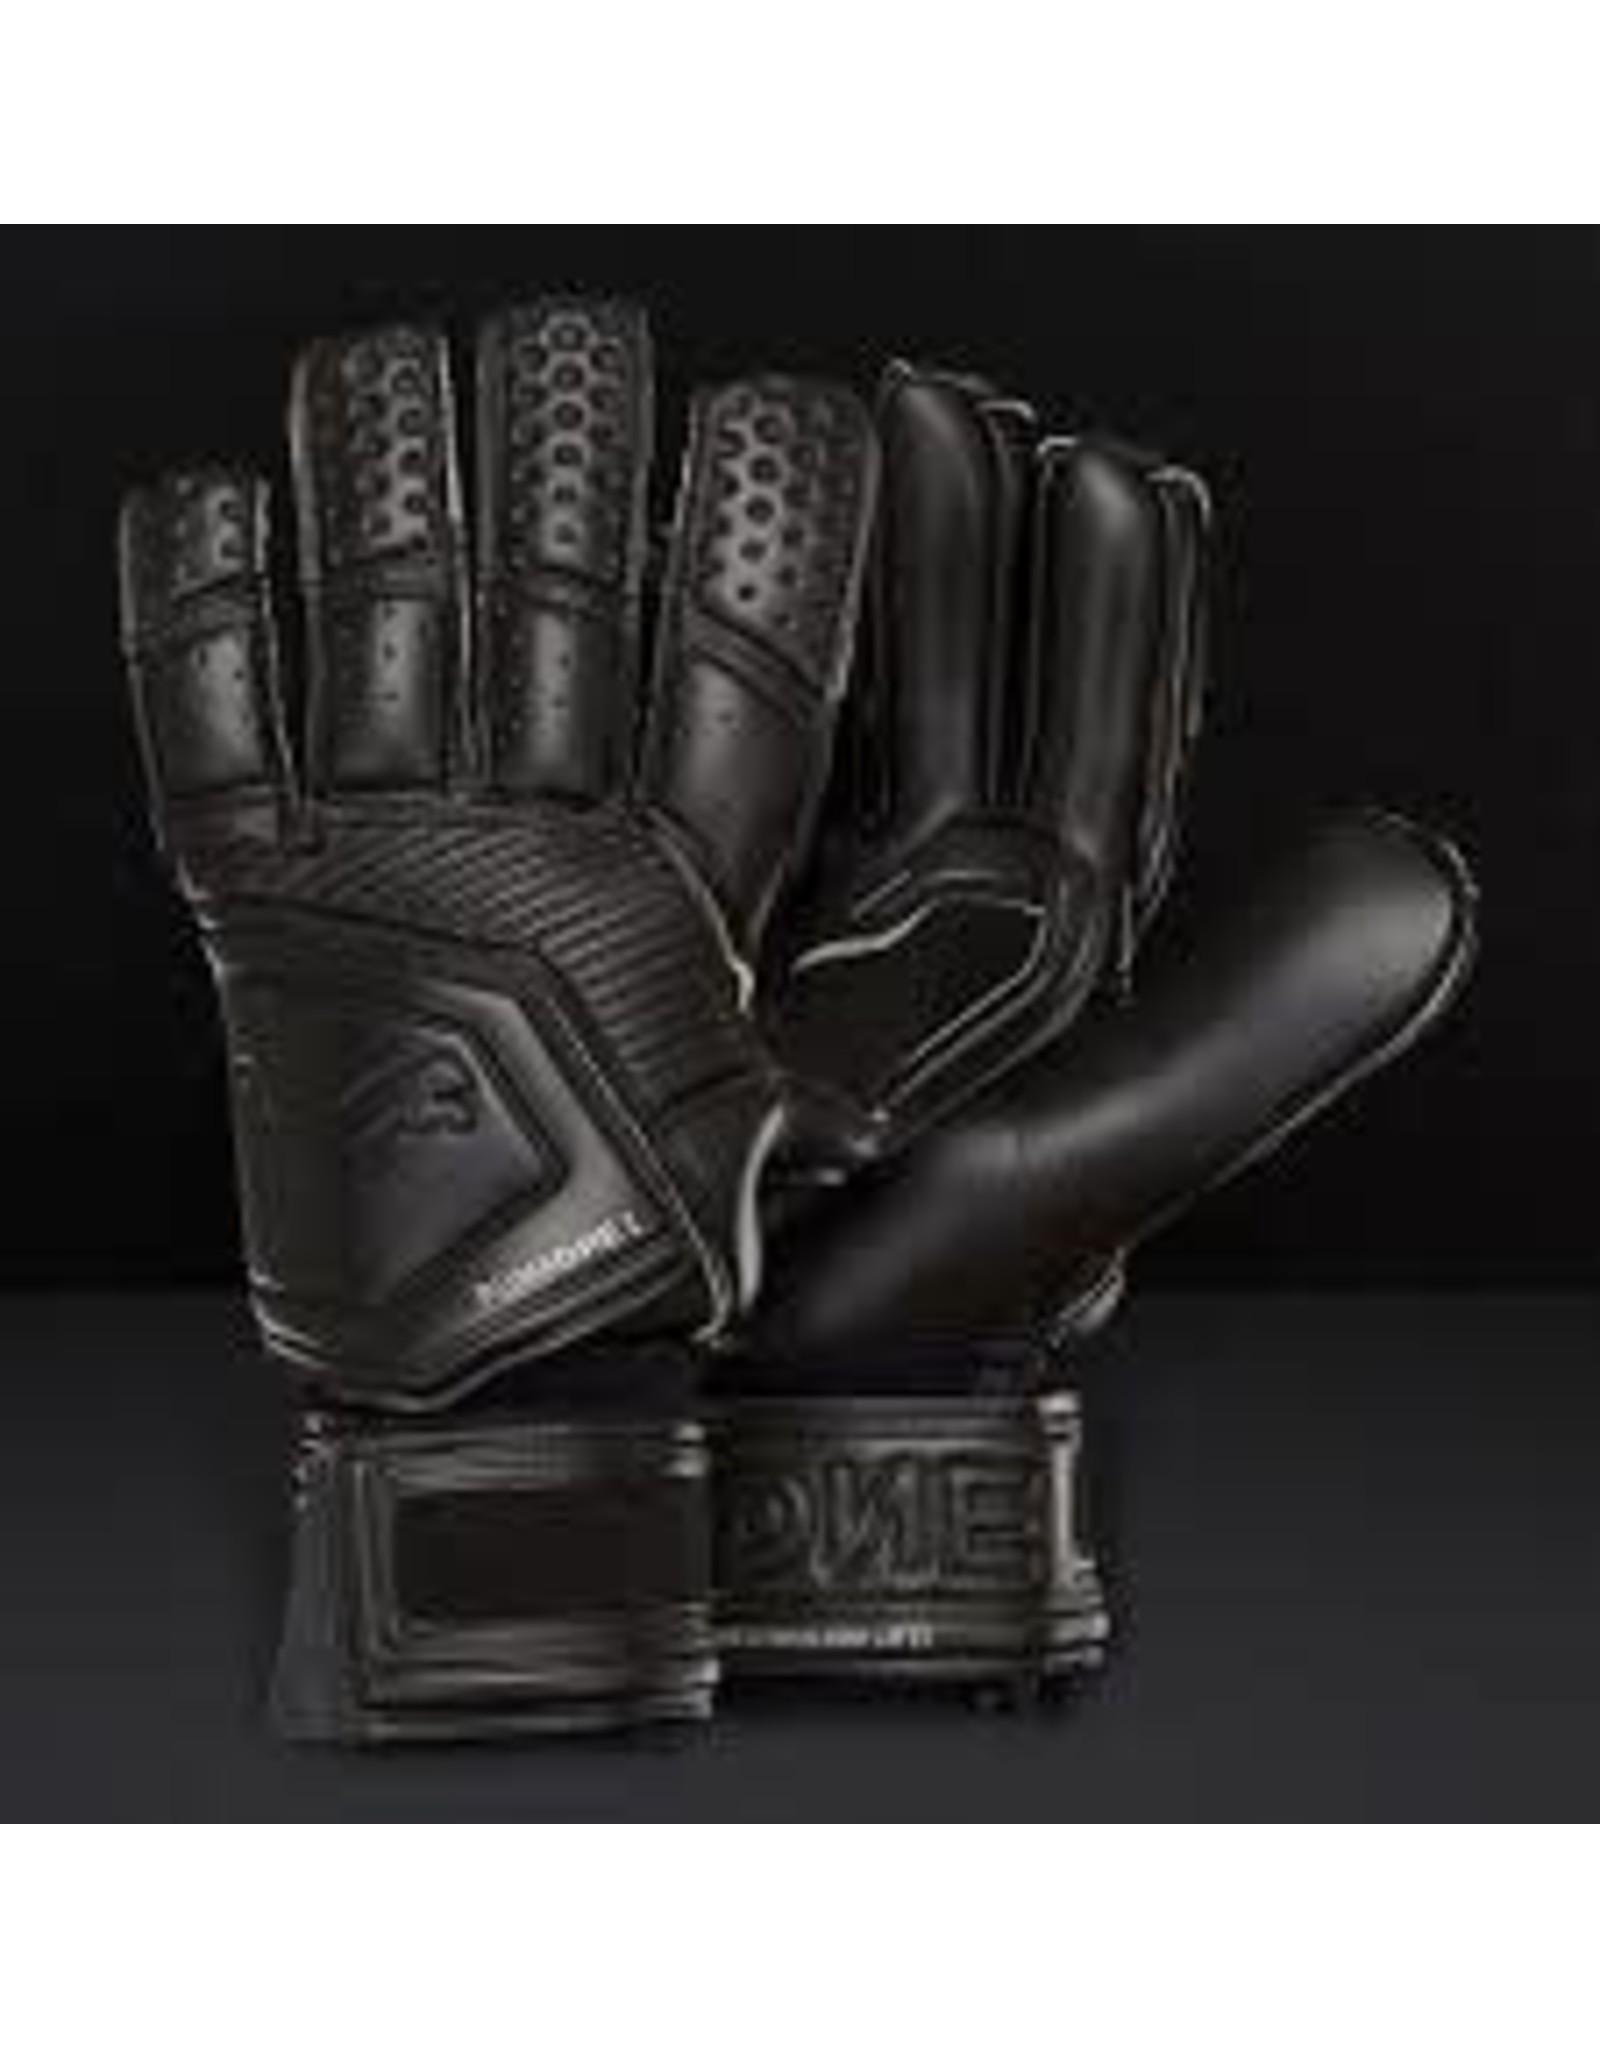 Puma Puma One Grip 1 IC Goalkeeper Gloves (Black)